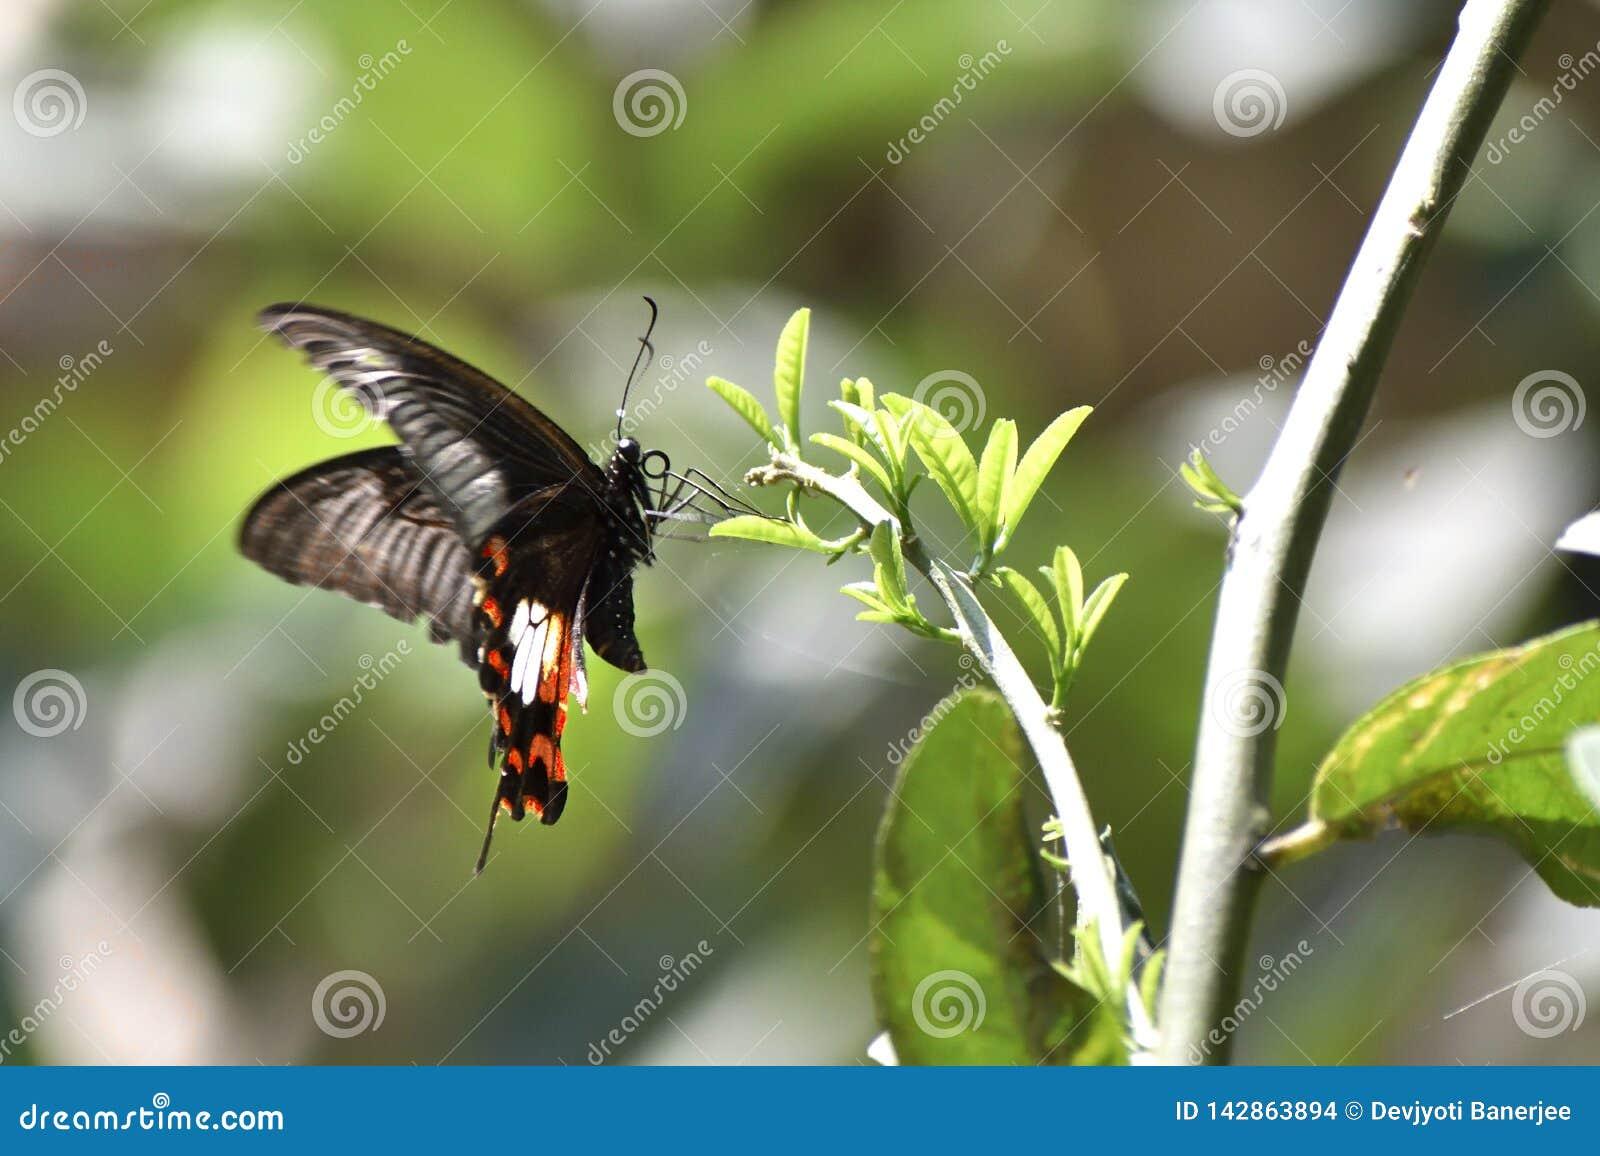 Ost-Tiger Swallowtail Butterflies, schwarze Schmetterlinge, Swallowtail-Schmetterlinge